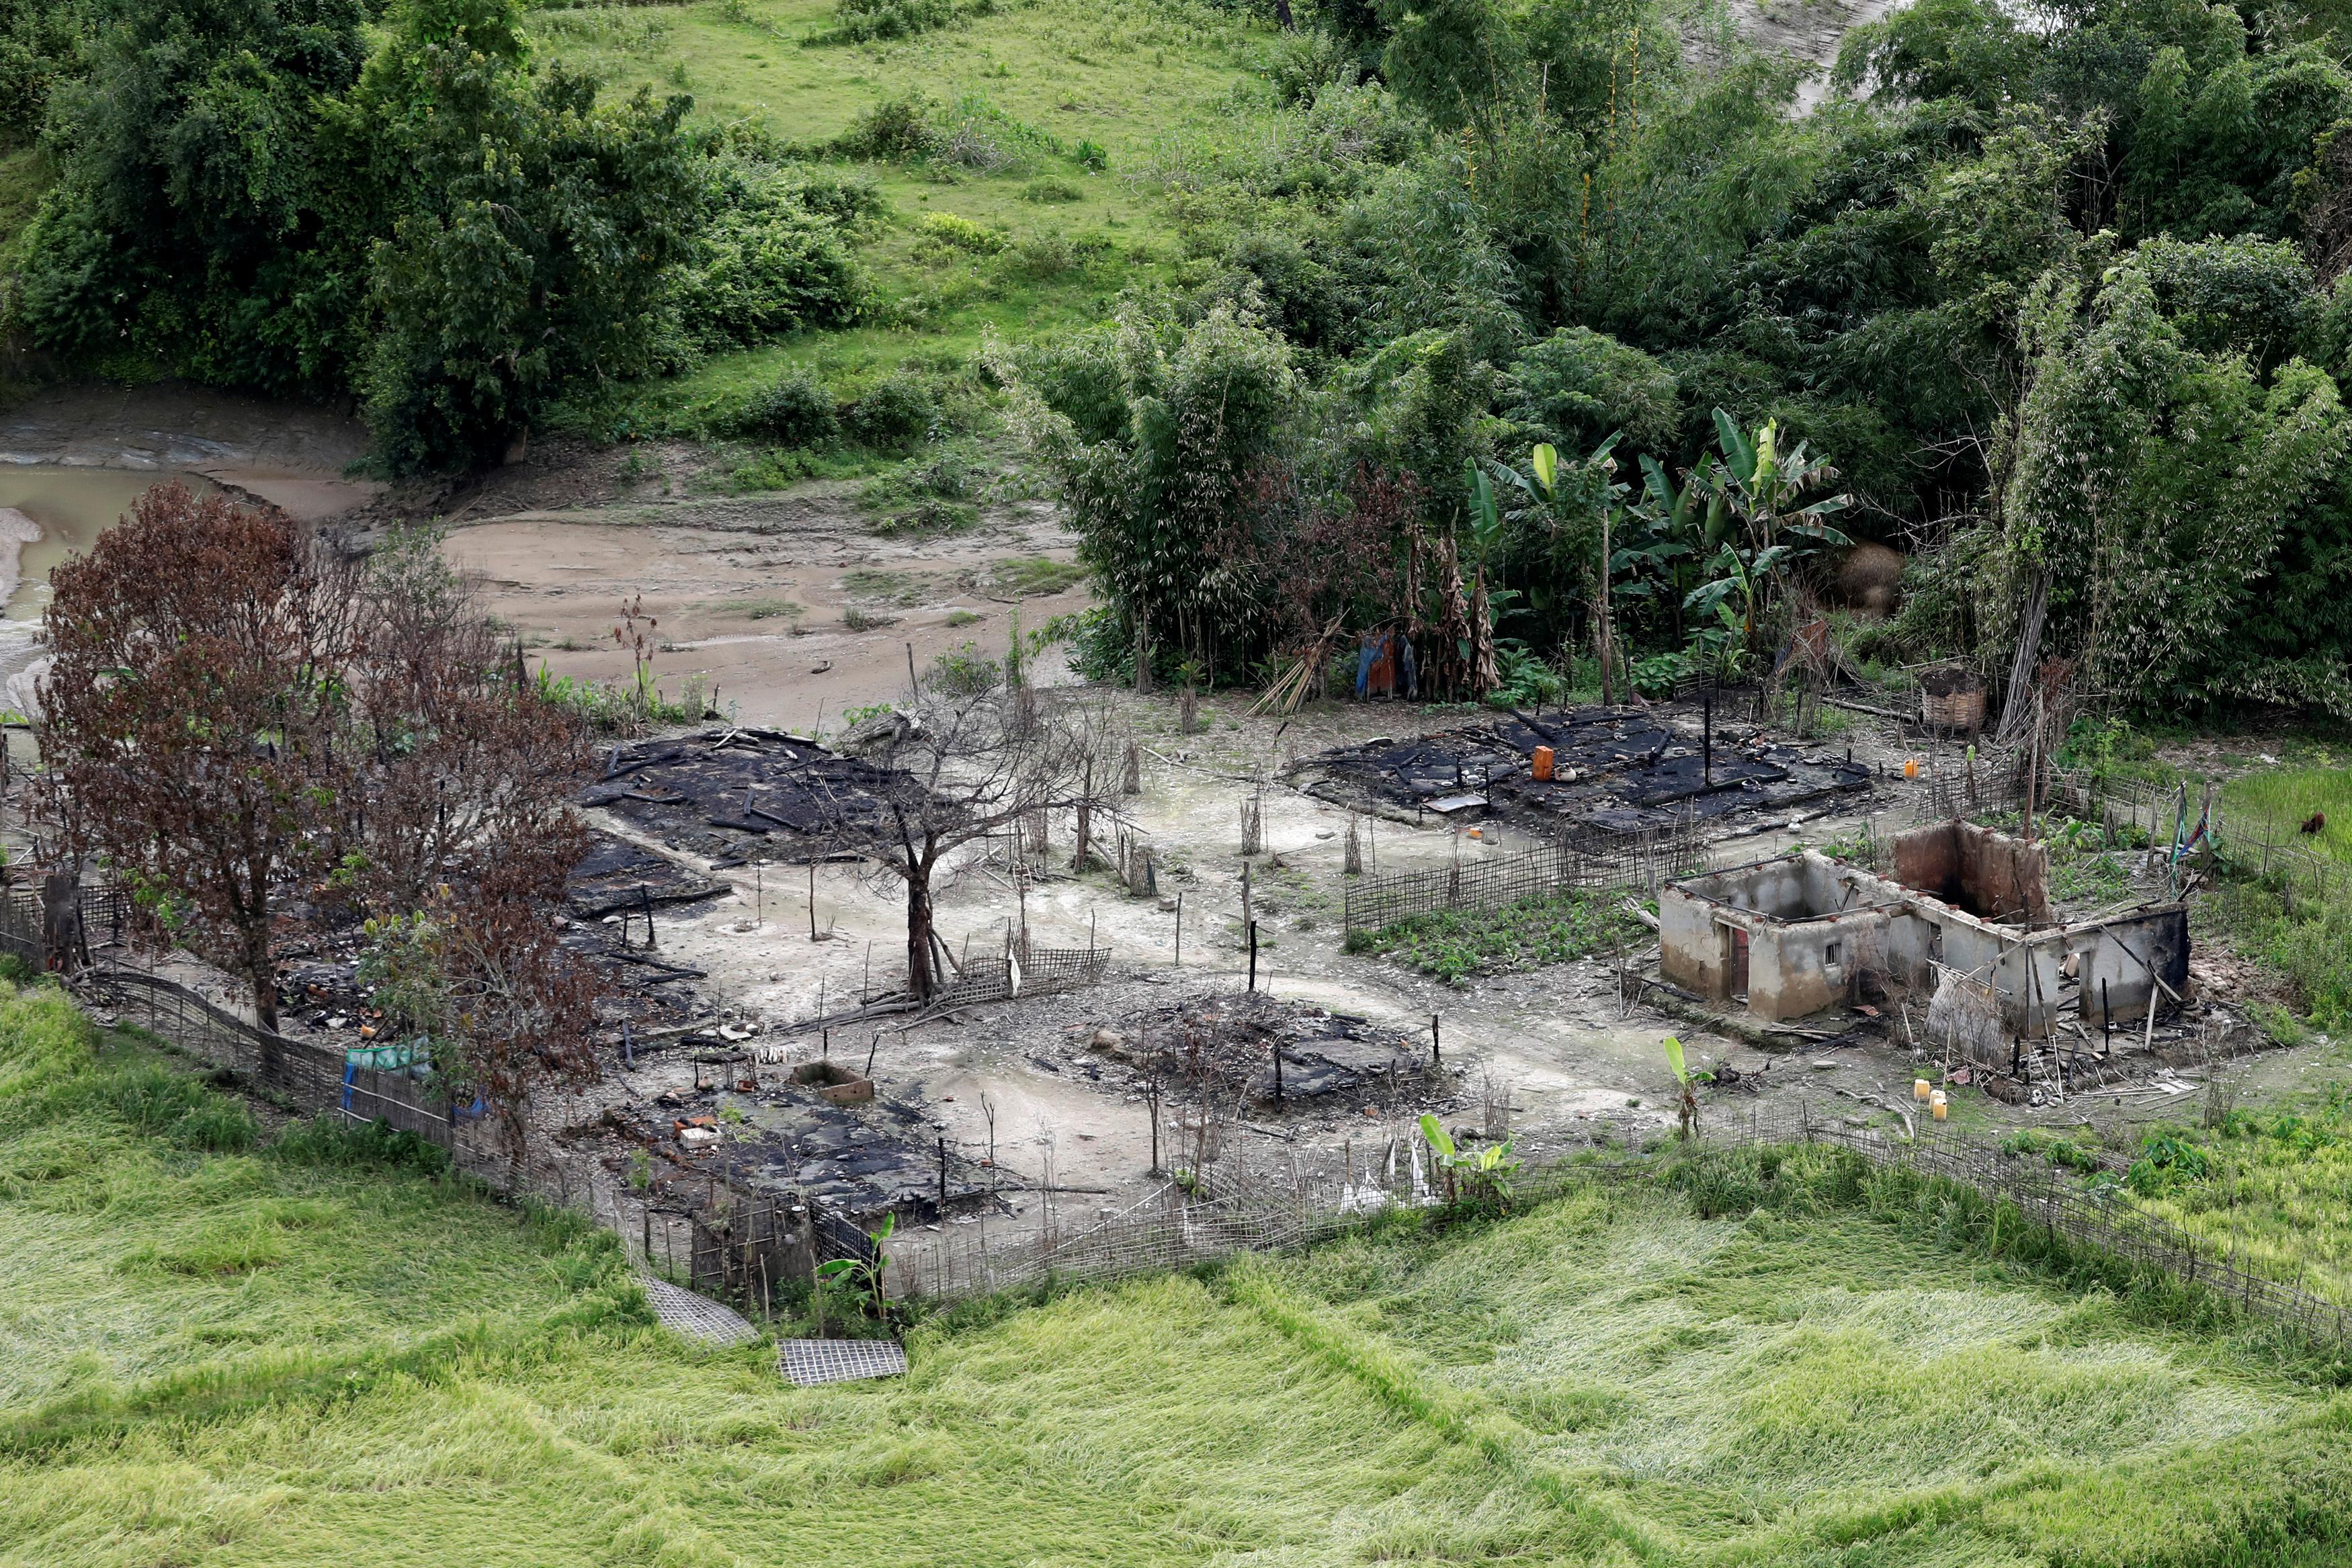 Myanmar troops' sexual violence against Rohingya shows 'genocidal intent' - U.N. report